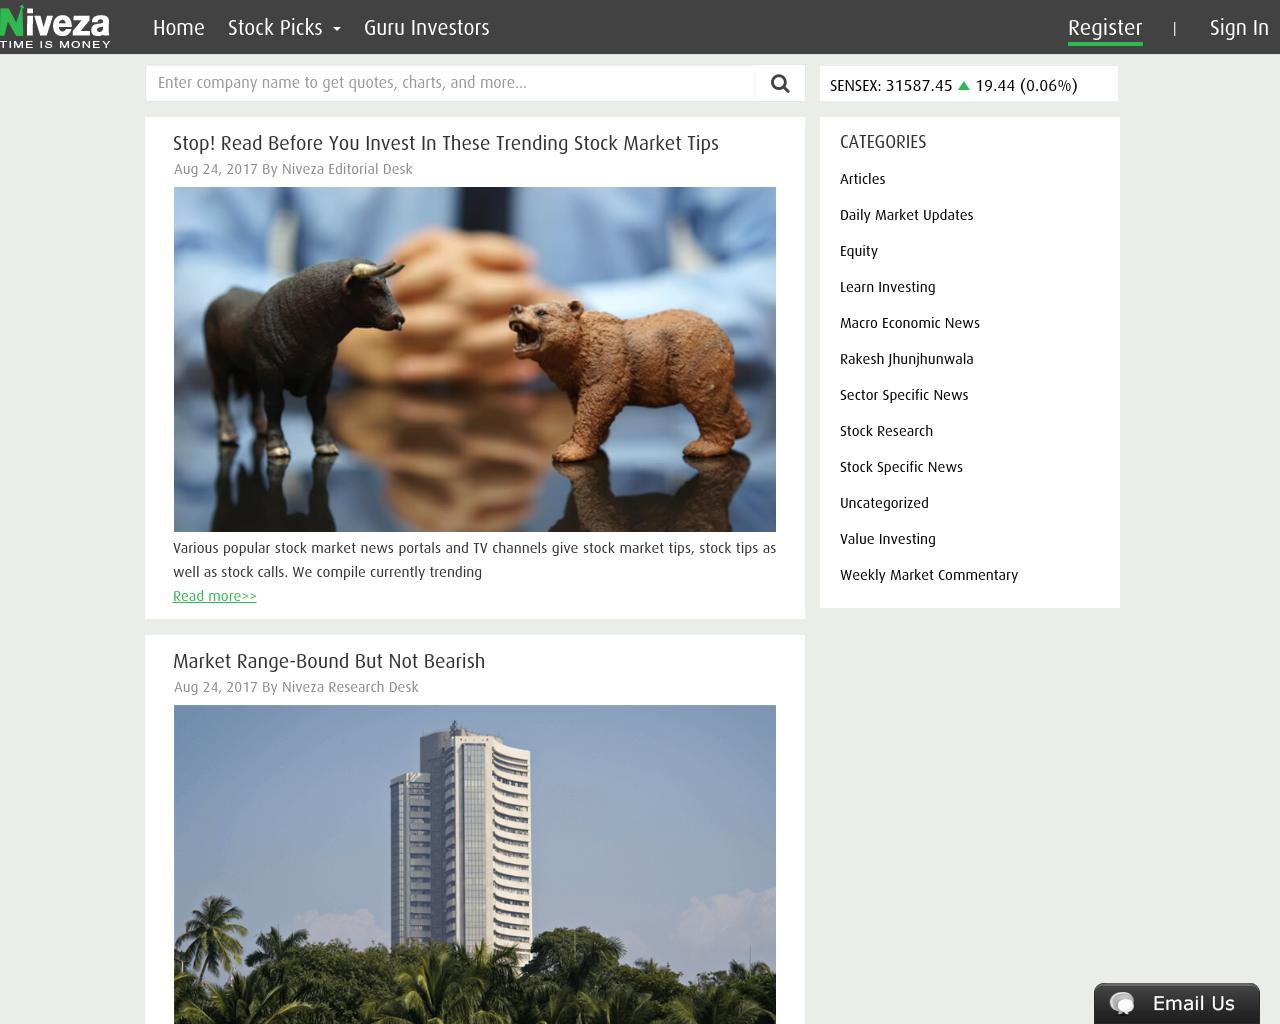 Niveza-Investor-Exchange-Advertising-Reviews-Pricing